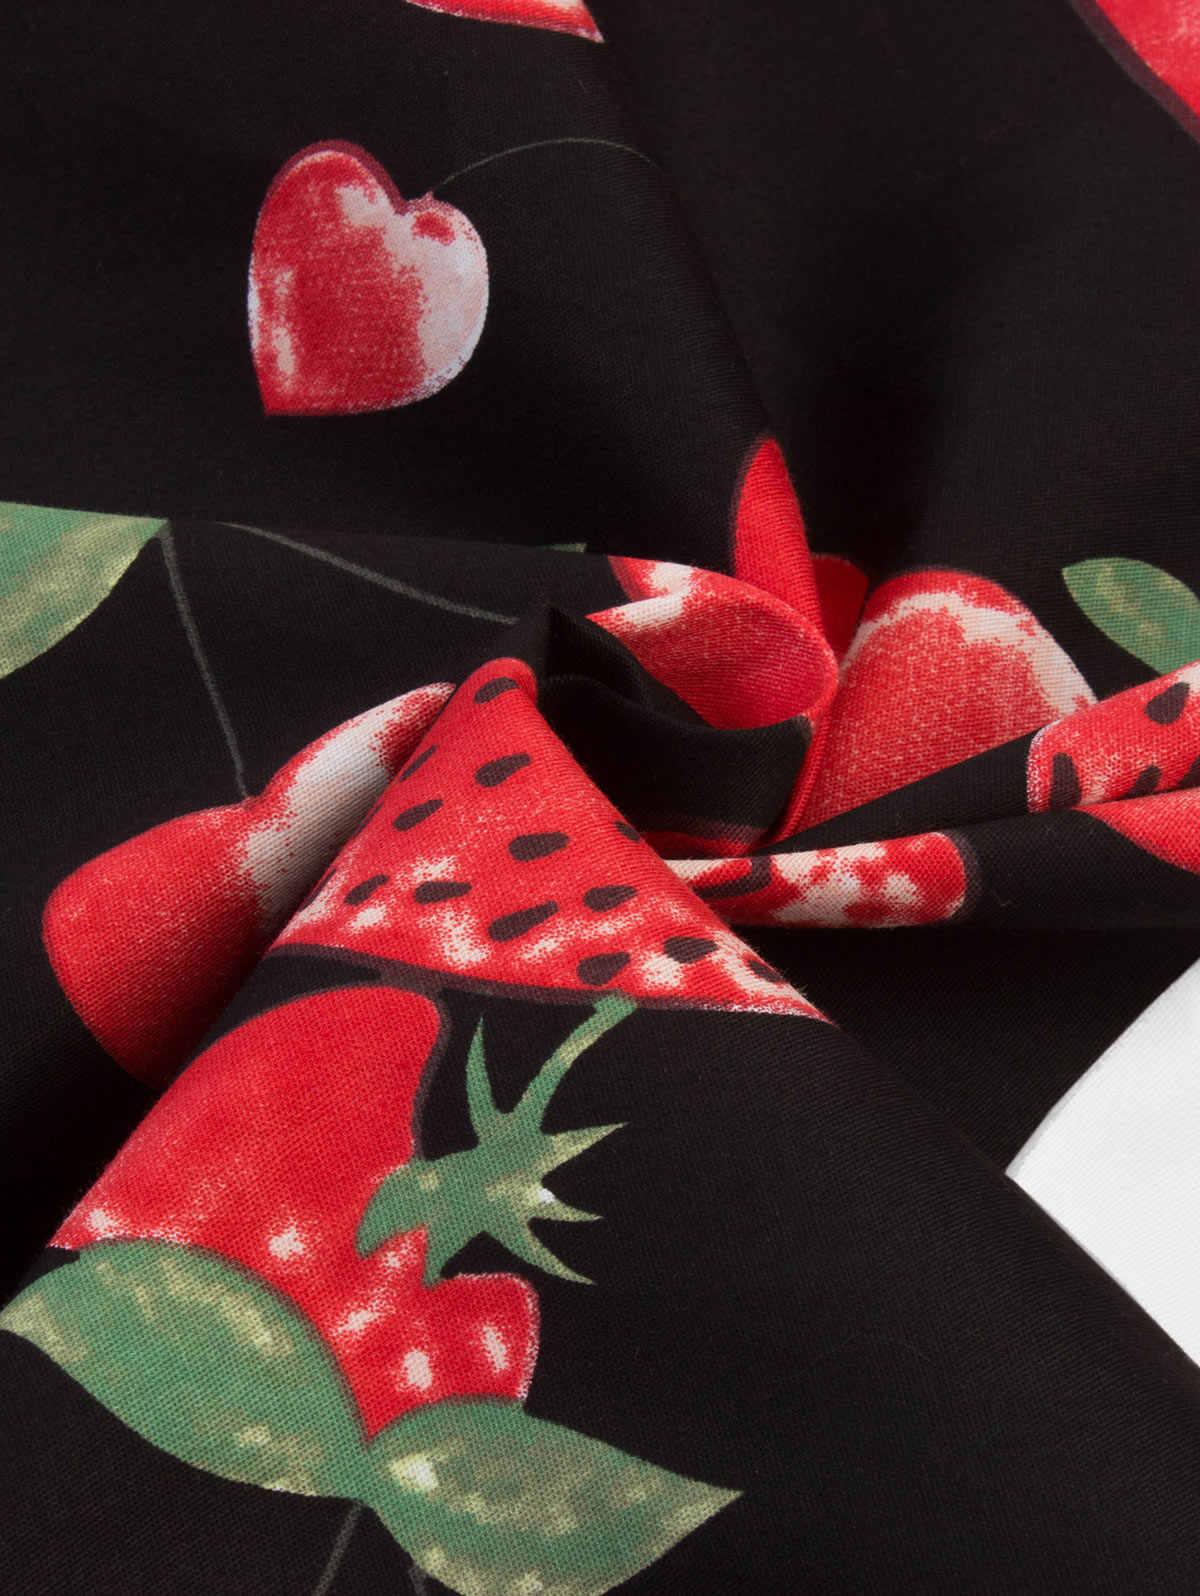 Joineles винтажное платье с фруктовым принтом, женское летнее платье с v-образным вырезом и перекрещивающимся воротником, а-силуэт, праздничные платья Хепберн 50 s 60 s рокабилли